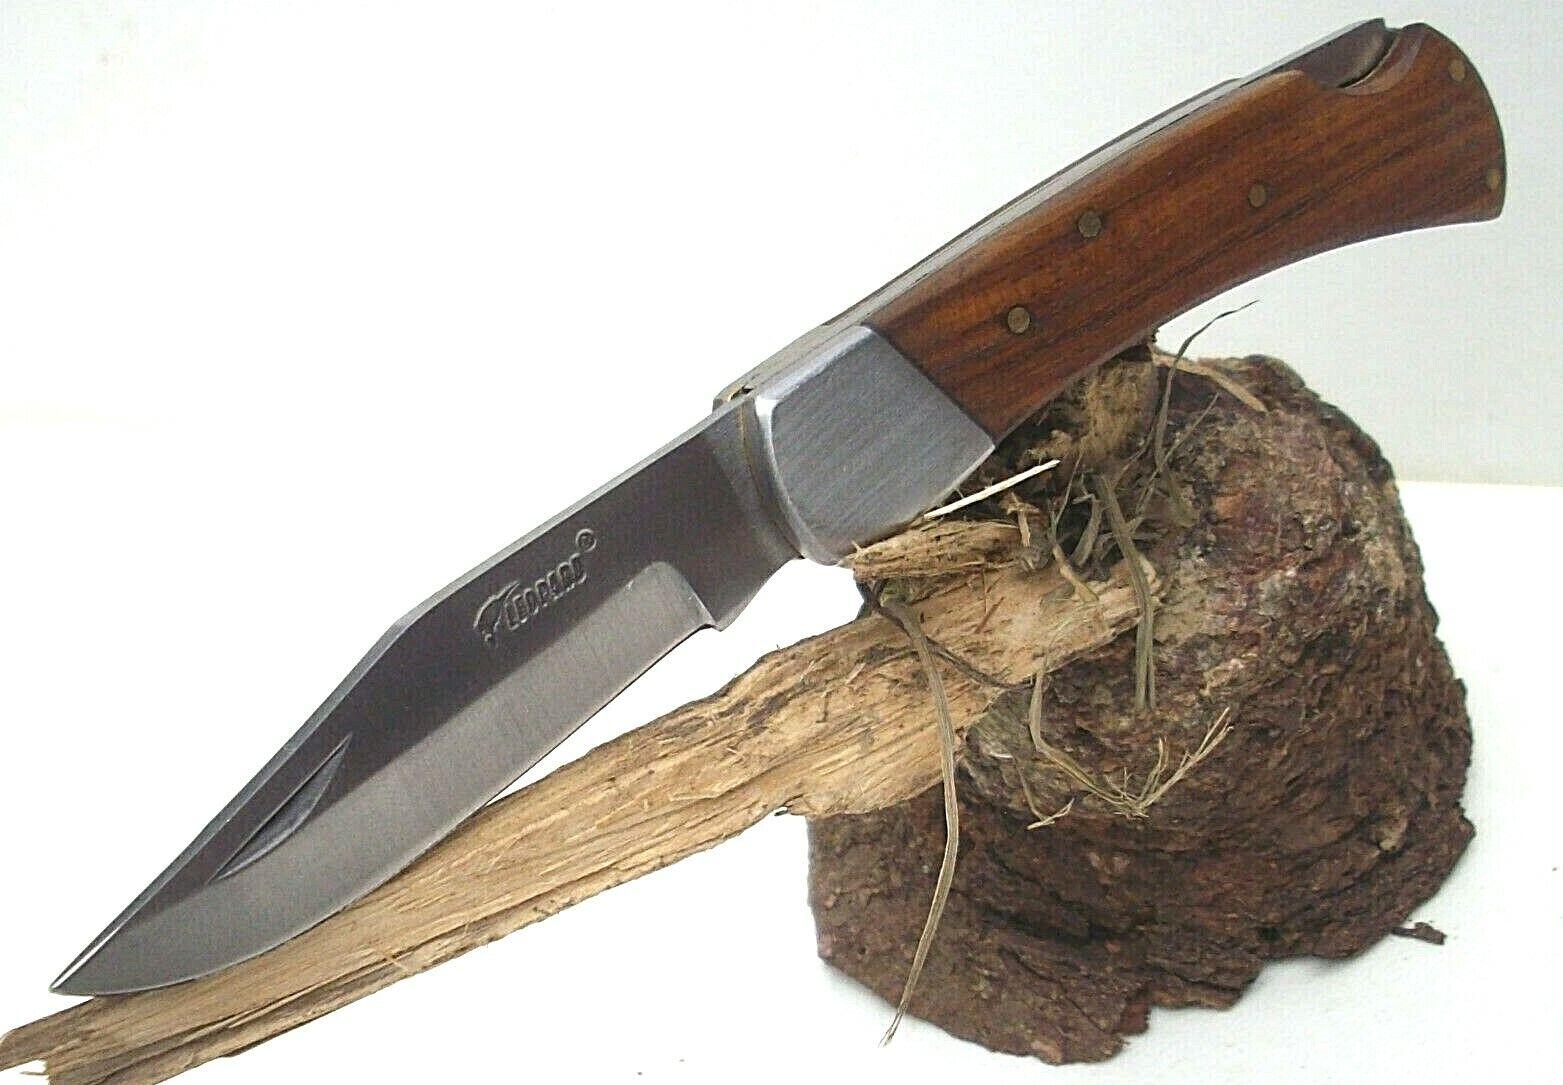 Taschenmesser Klappmesser Leopard Outdoormesser Holzgriff NEU!